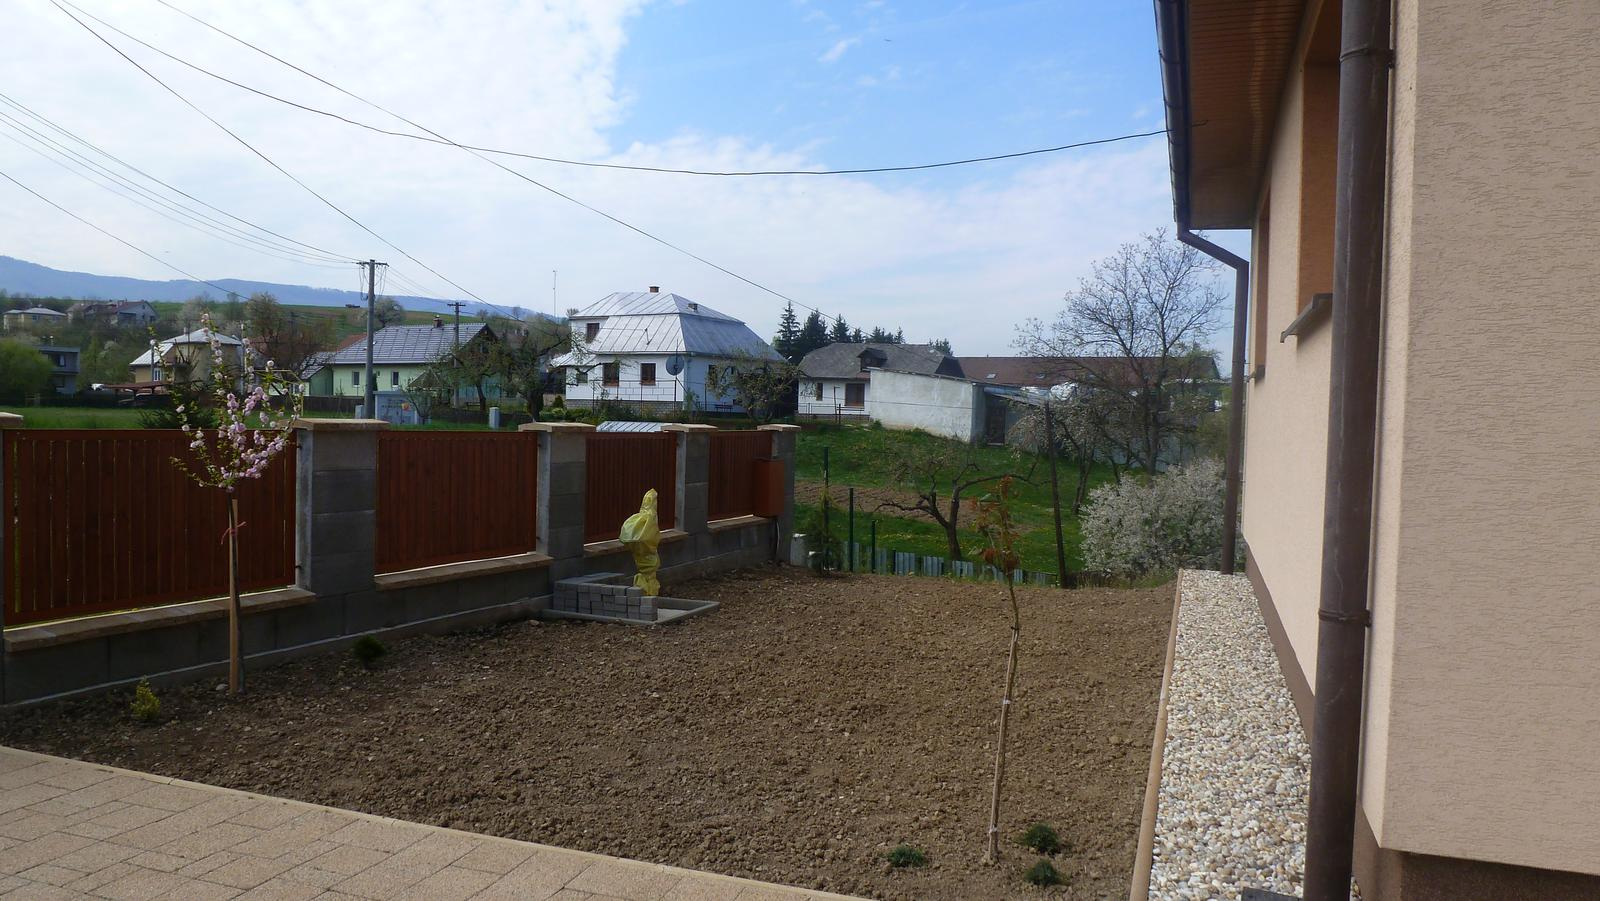 Náš dvor a záhrada 2014 - prednu zahradku treba este dokoncit